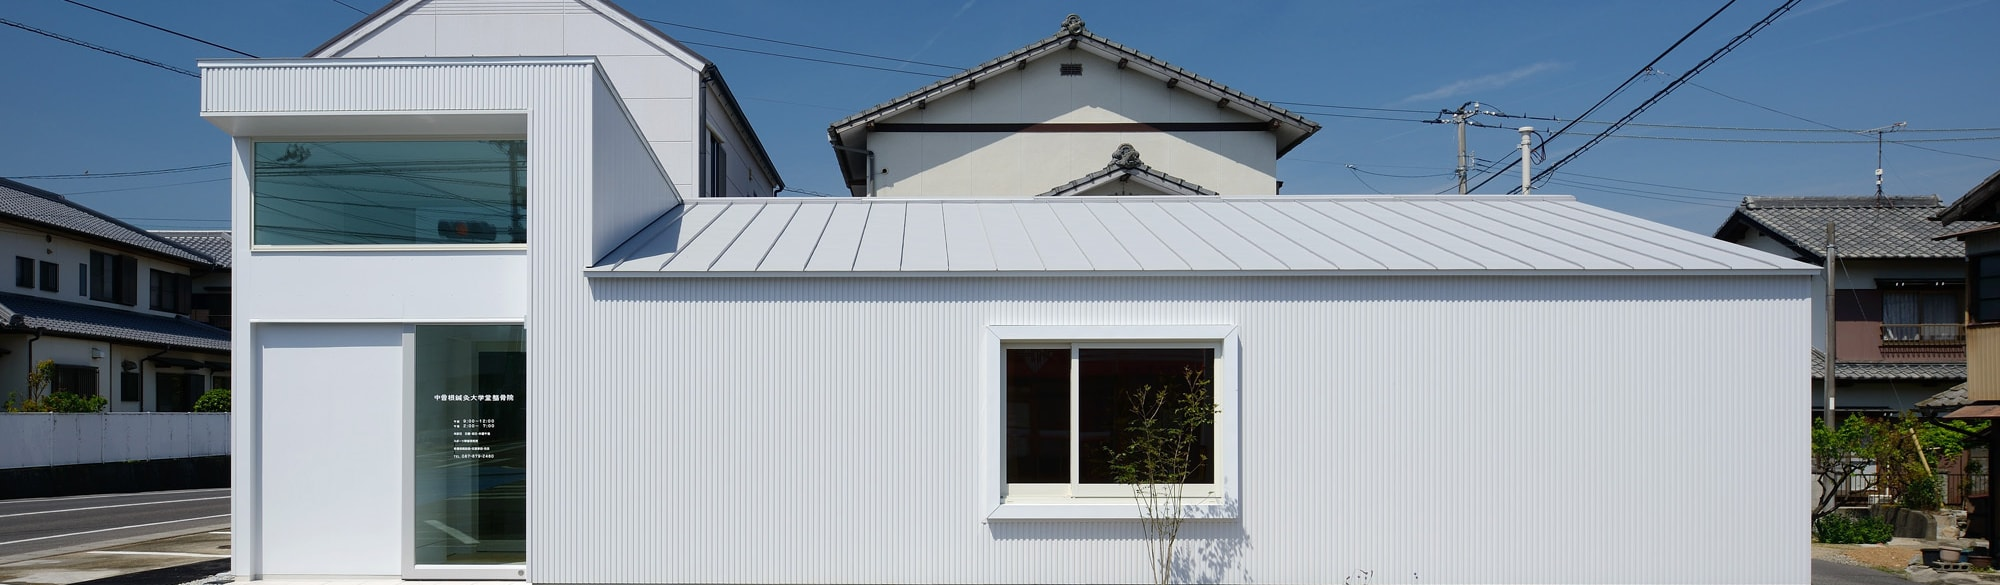 加藤淳一建築設計事務所/JUNICHI KATO & ASSOCIATES